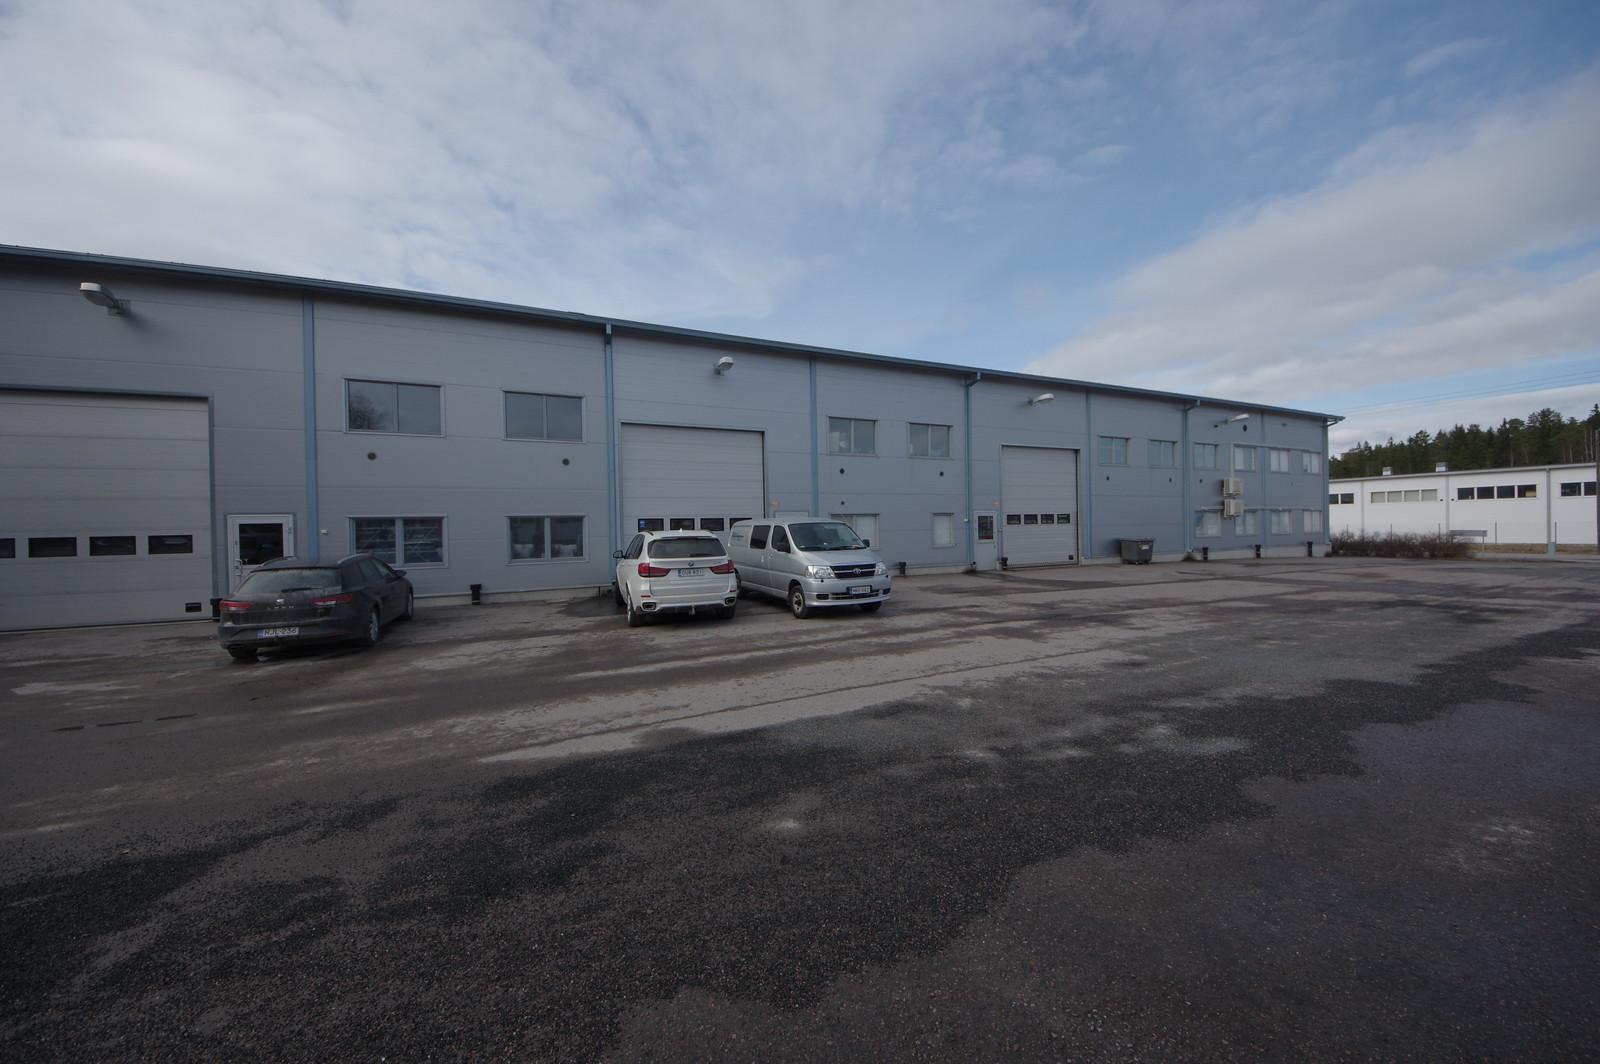 Toimitila, Yrittäjäntie 28, Järvihaka, Nurmijärvi